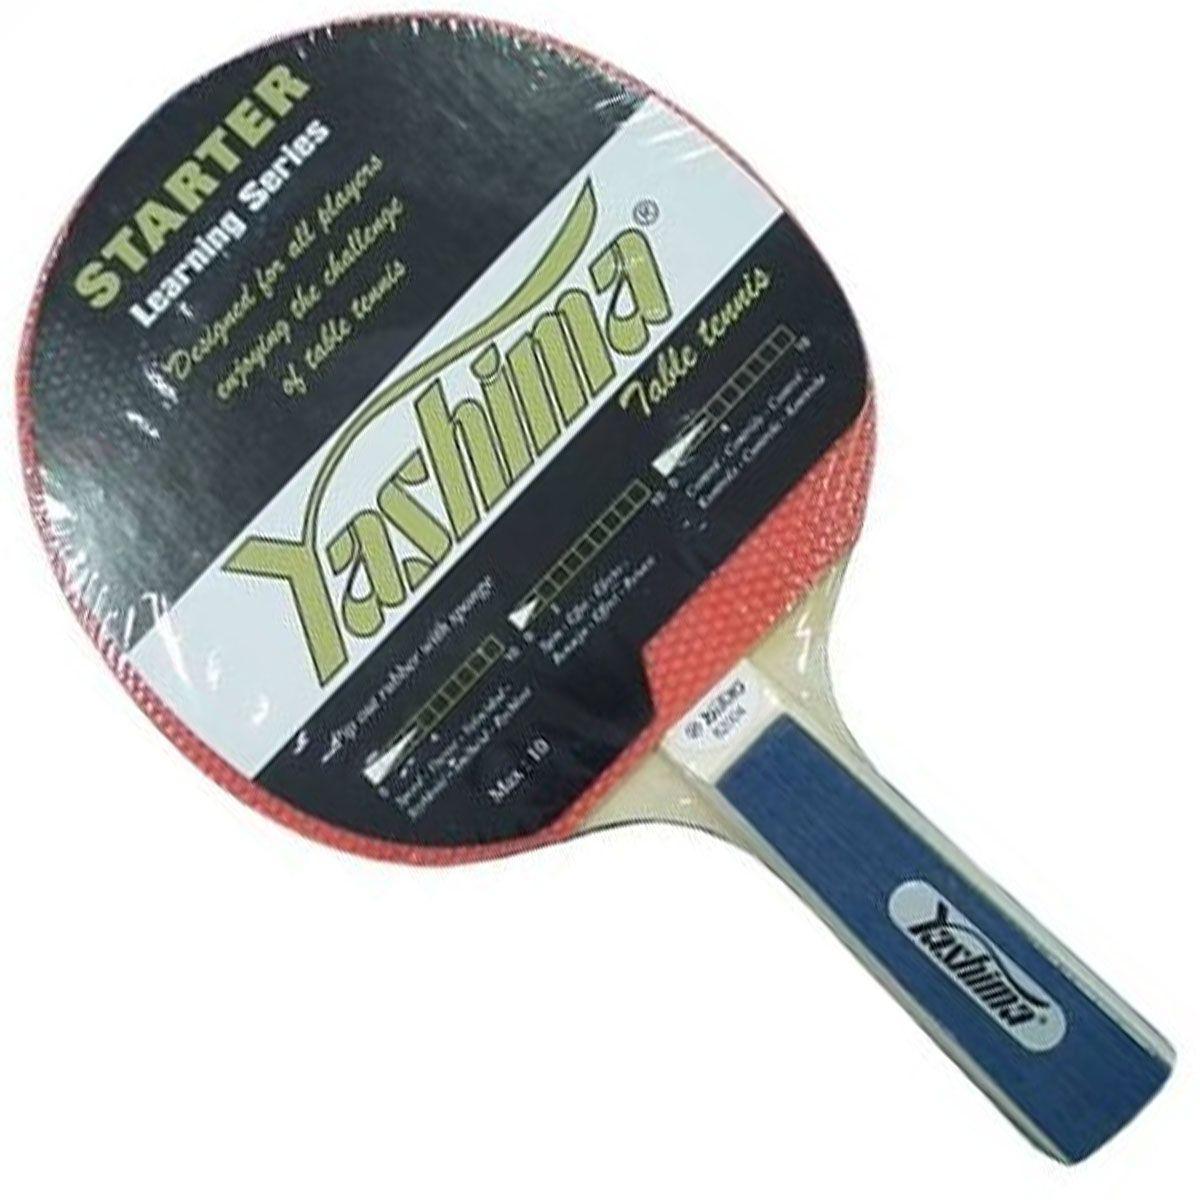 Raquete de tenis de Mesa Yashima - 82004  - REAL ESPORTE